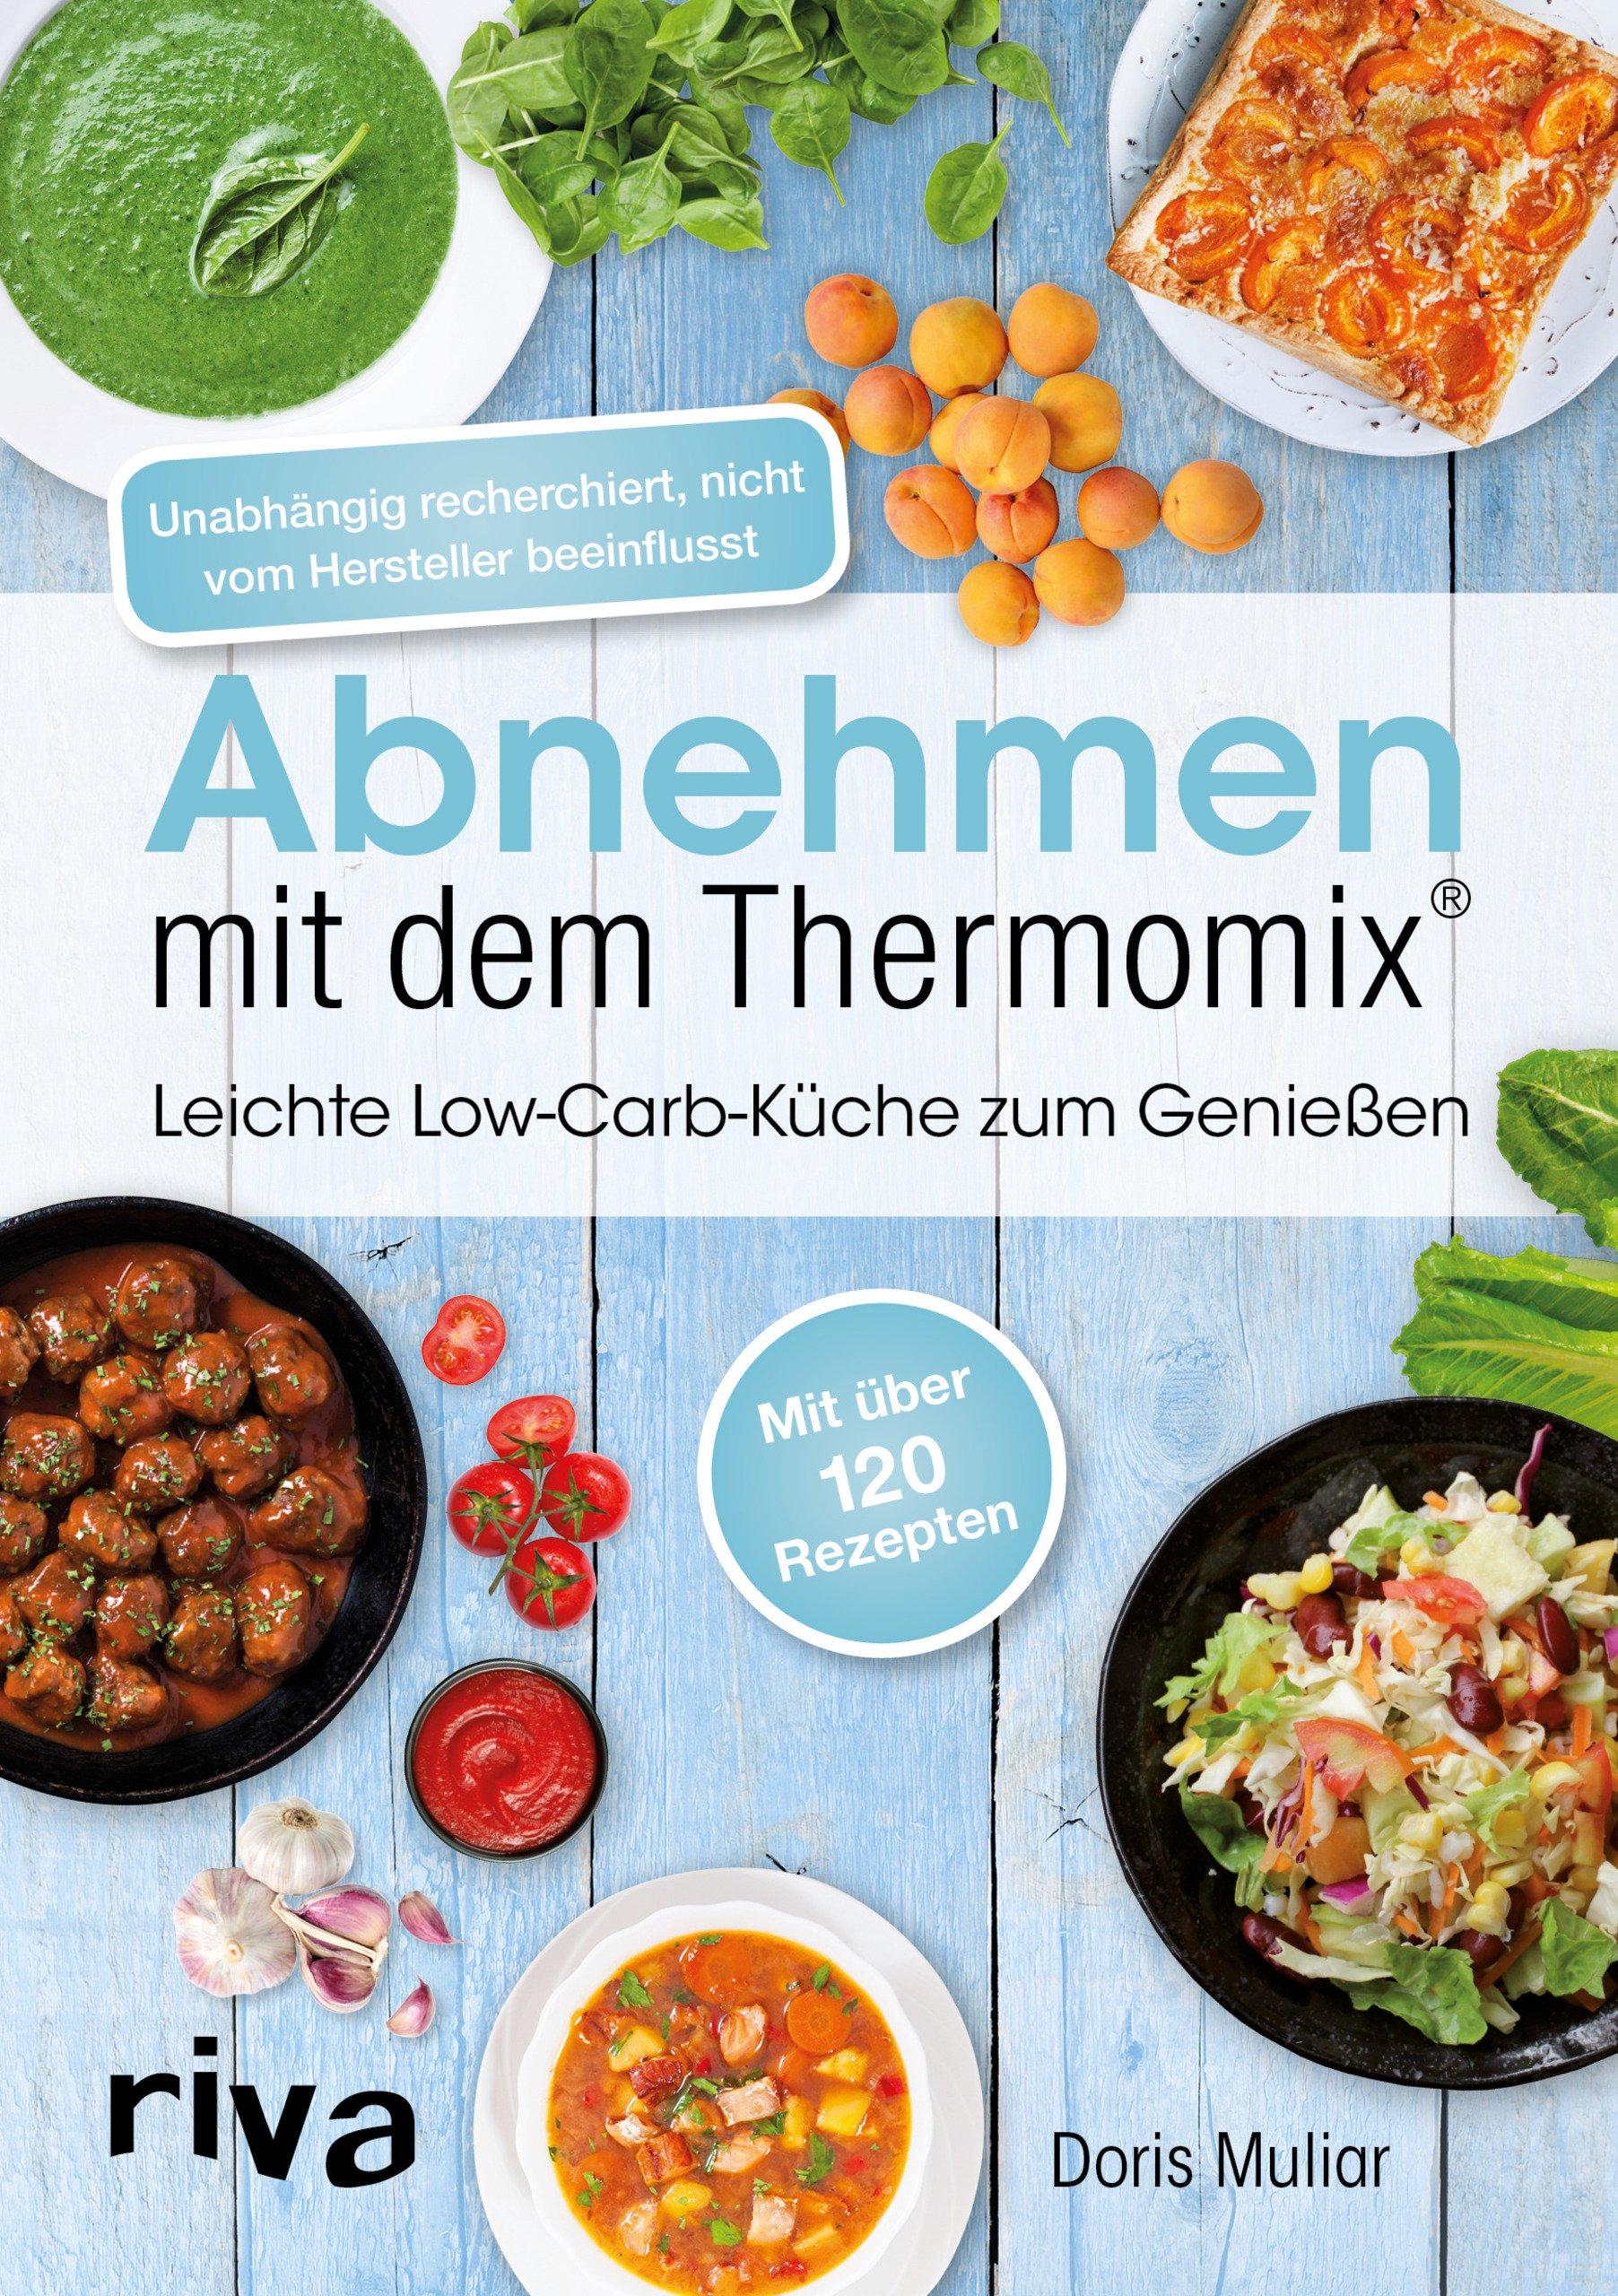 LEICHTE KÜCHE Kochen mit dem Thermomix (TM5&TM31) NEU - EUR 5,00 ...